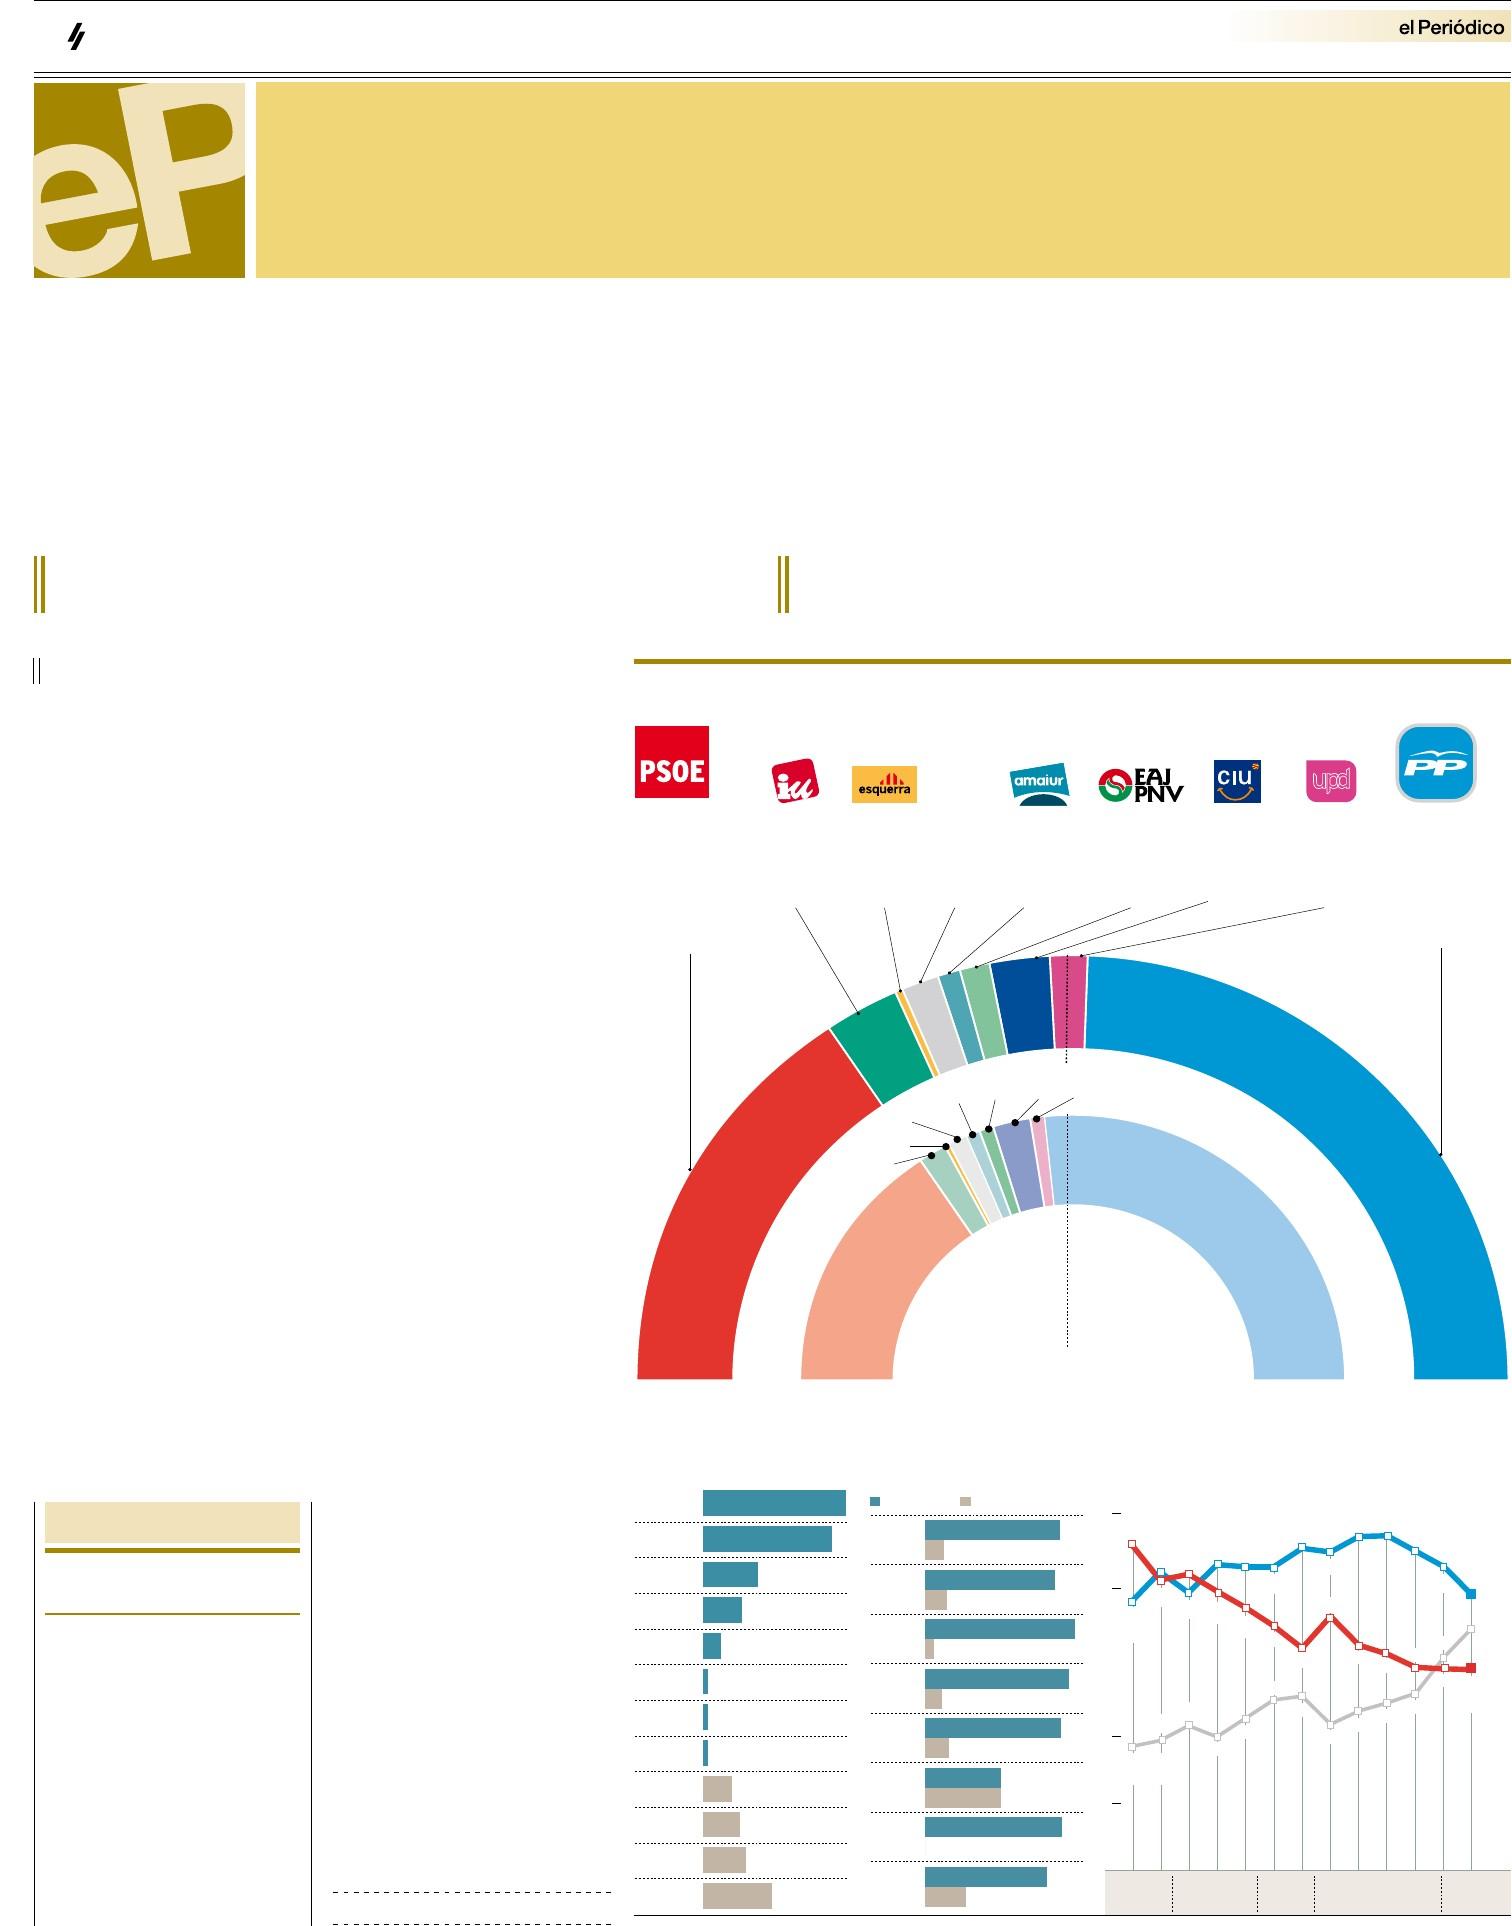 Calendario 2019 Argentina Para Imprimir Con Feriados Puente Más Recientes Diario 2506 [pdf Document]